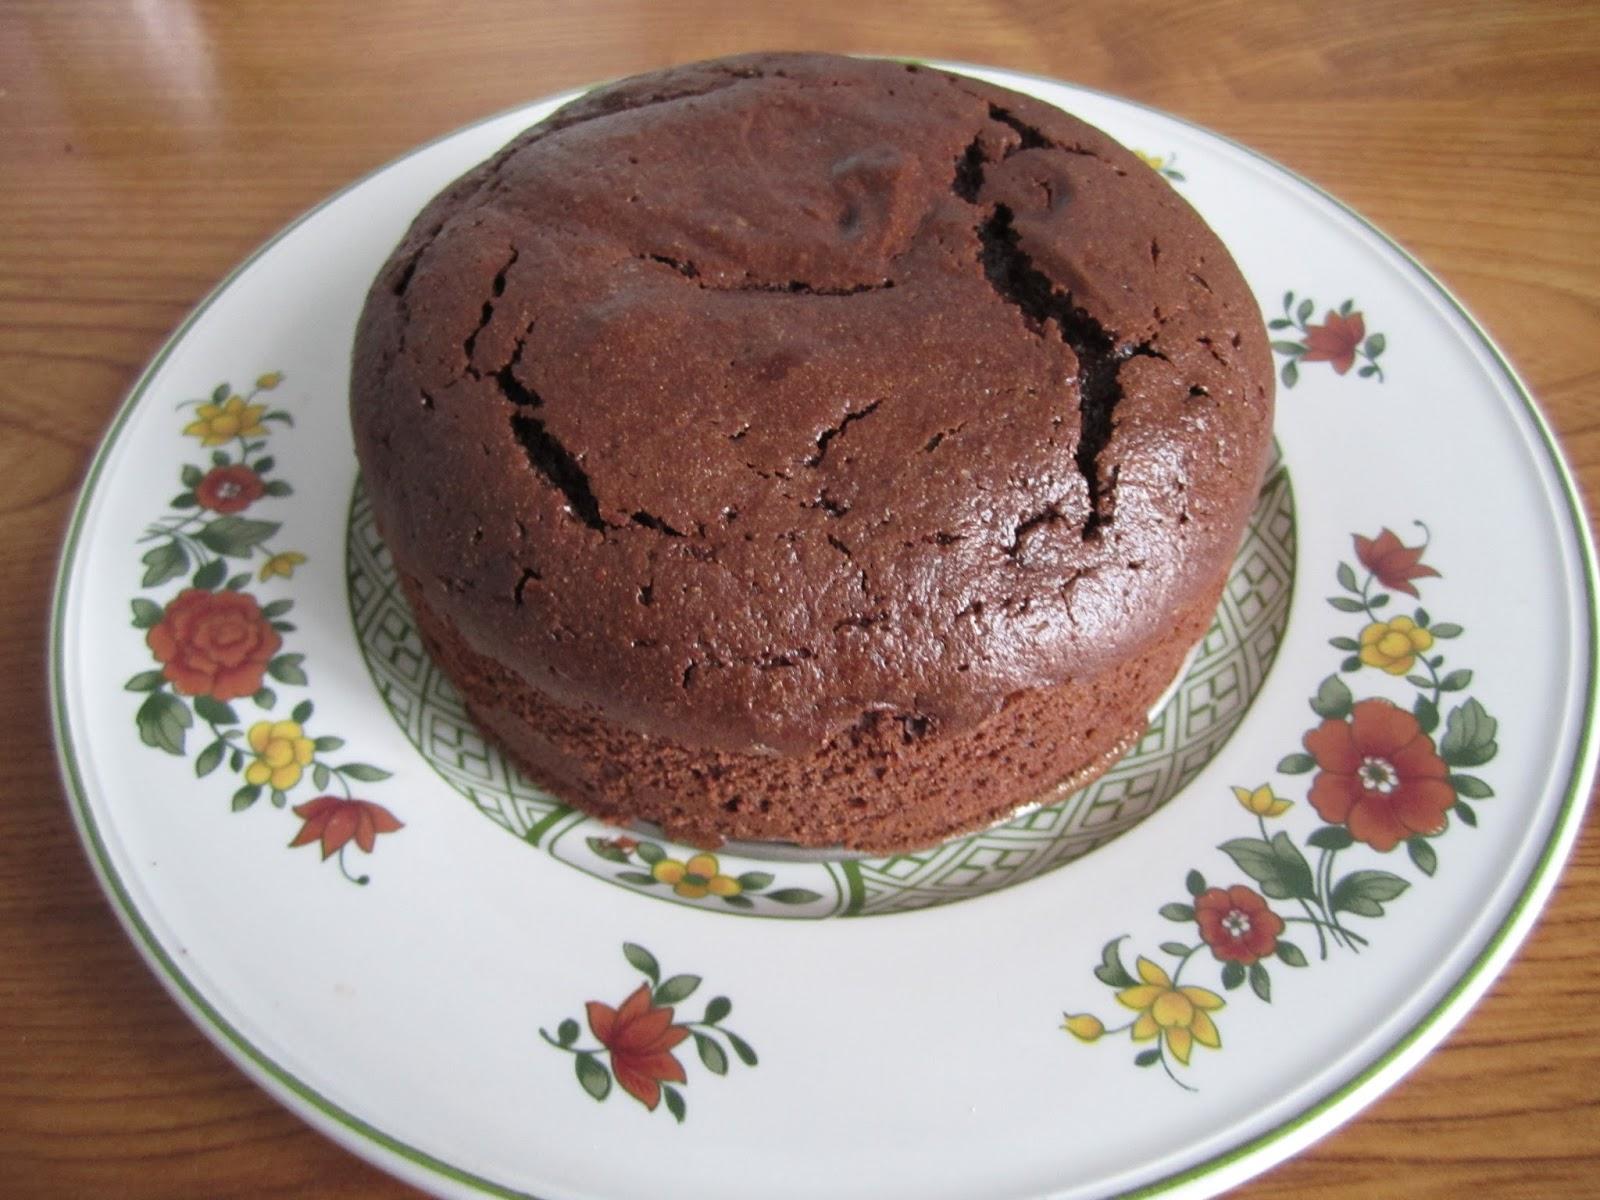 Les recettes de la d brouille g teau au chocolat sans gluten et sans lactose de philippe conticini - Gateau au chocolat sans gluten ...